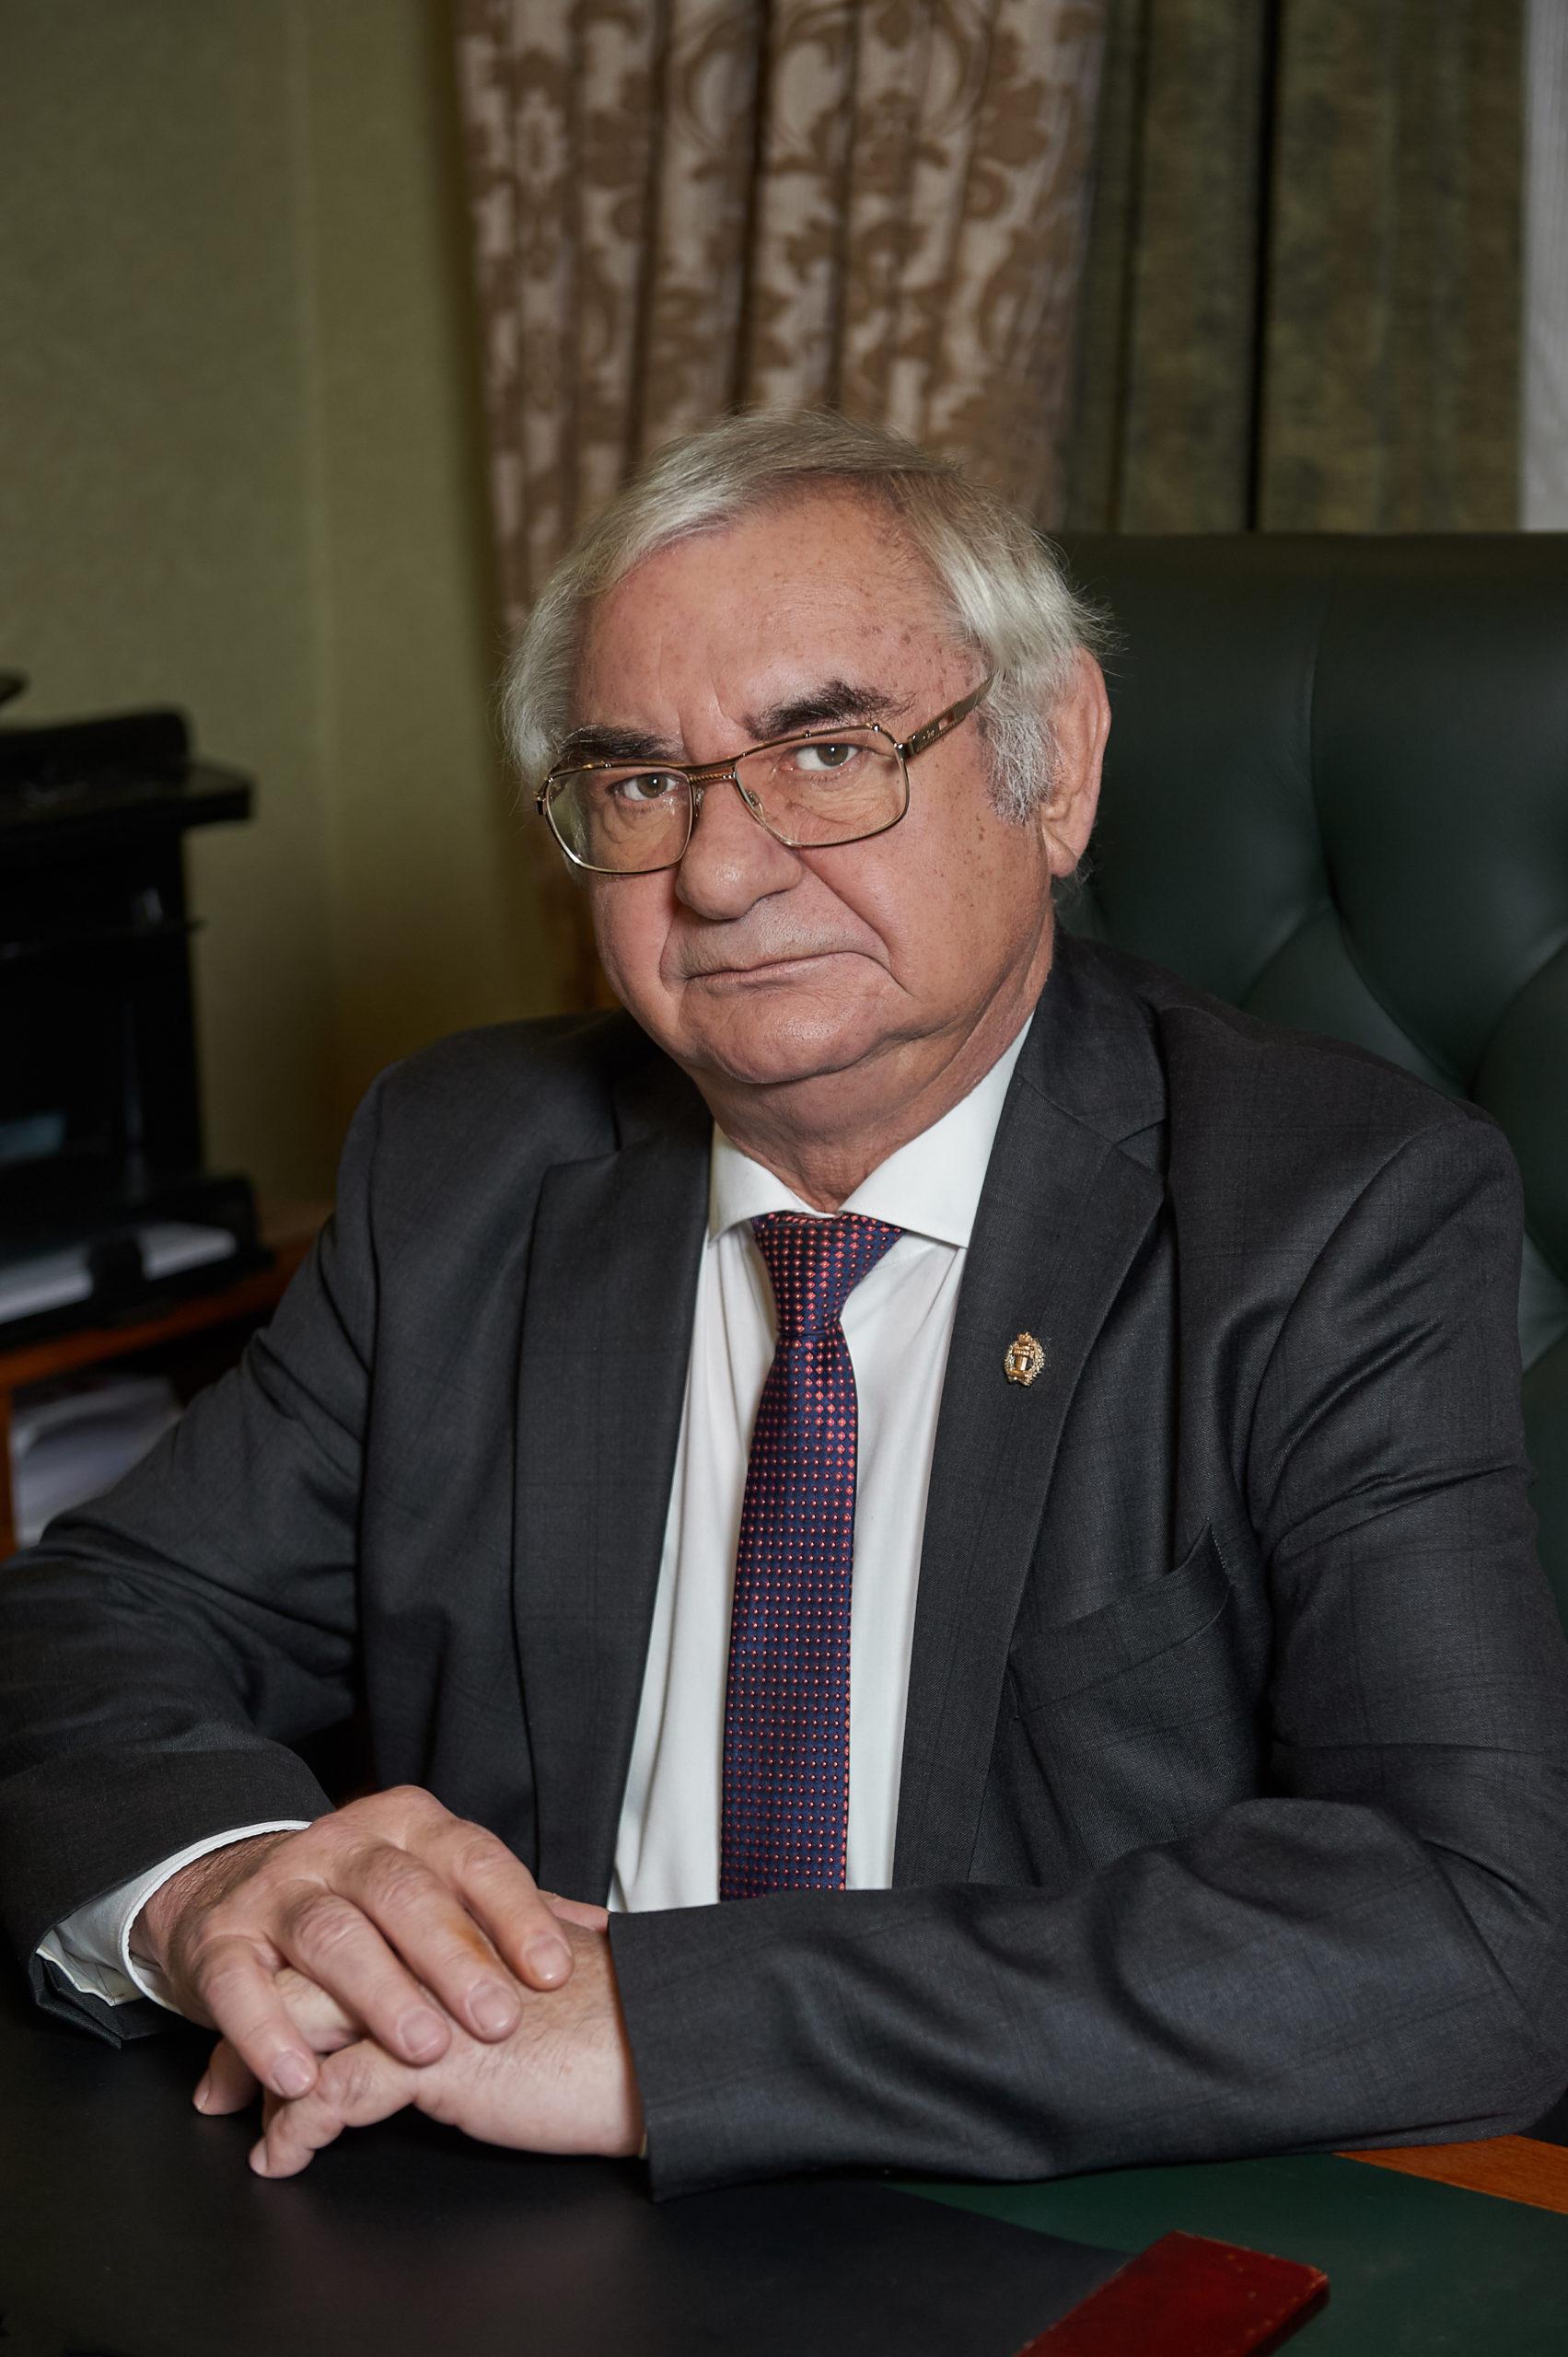 Чехов Владимир Петрович. Вице-президент Адвокатской палаты Краснодарского края.